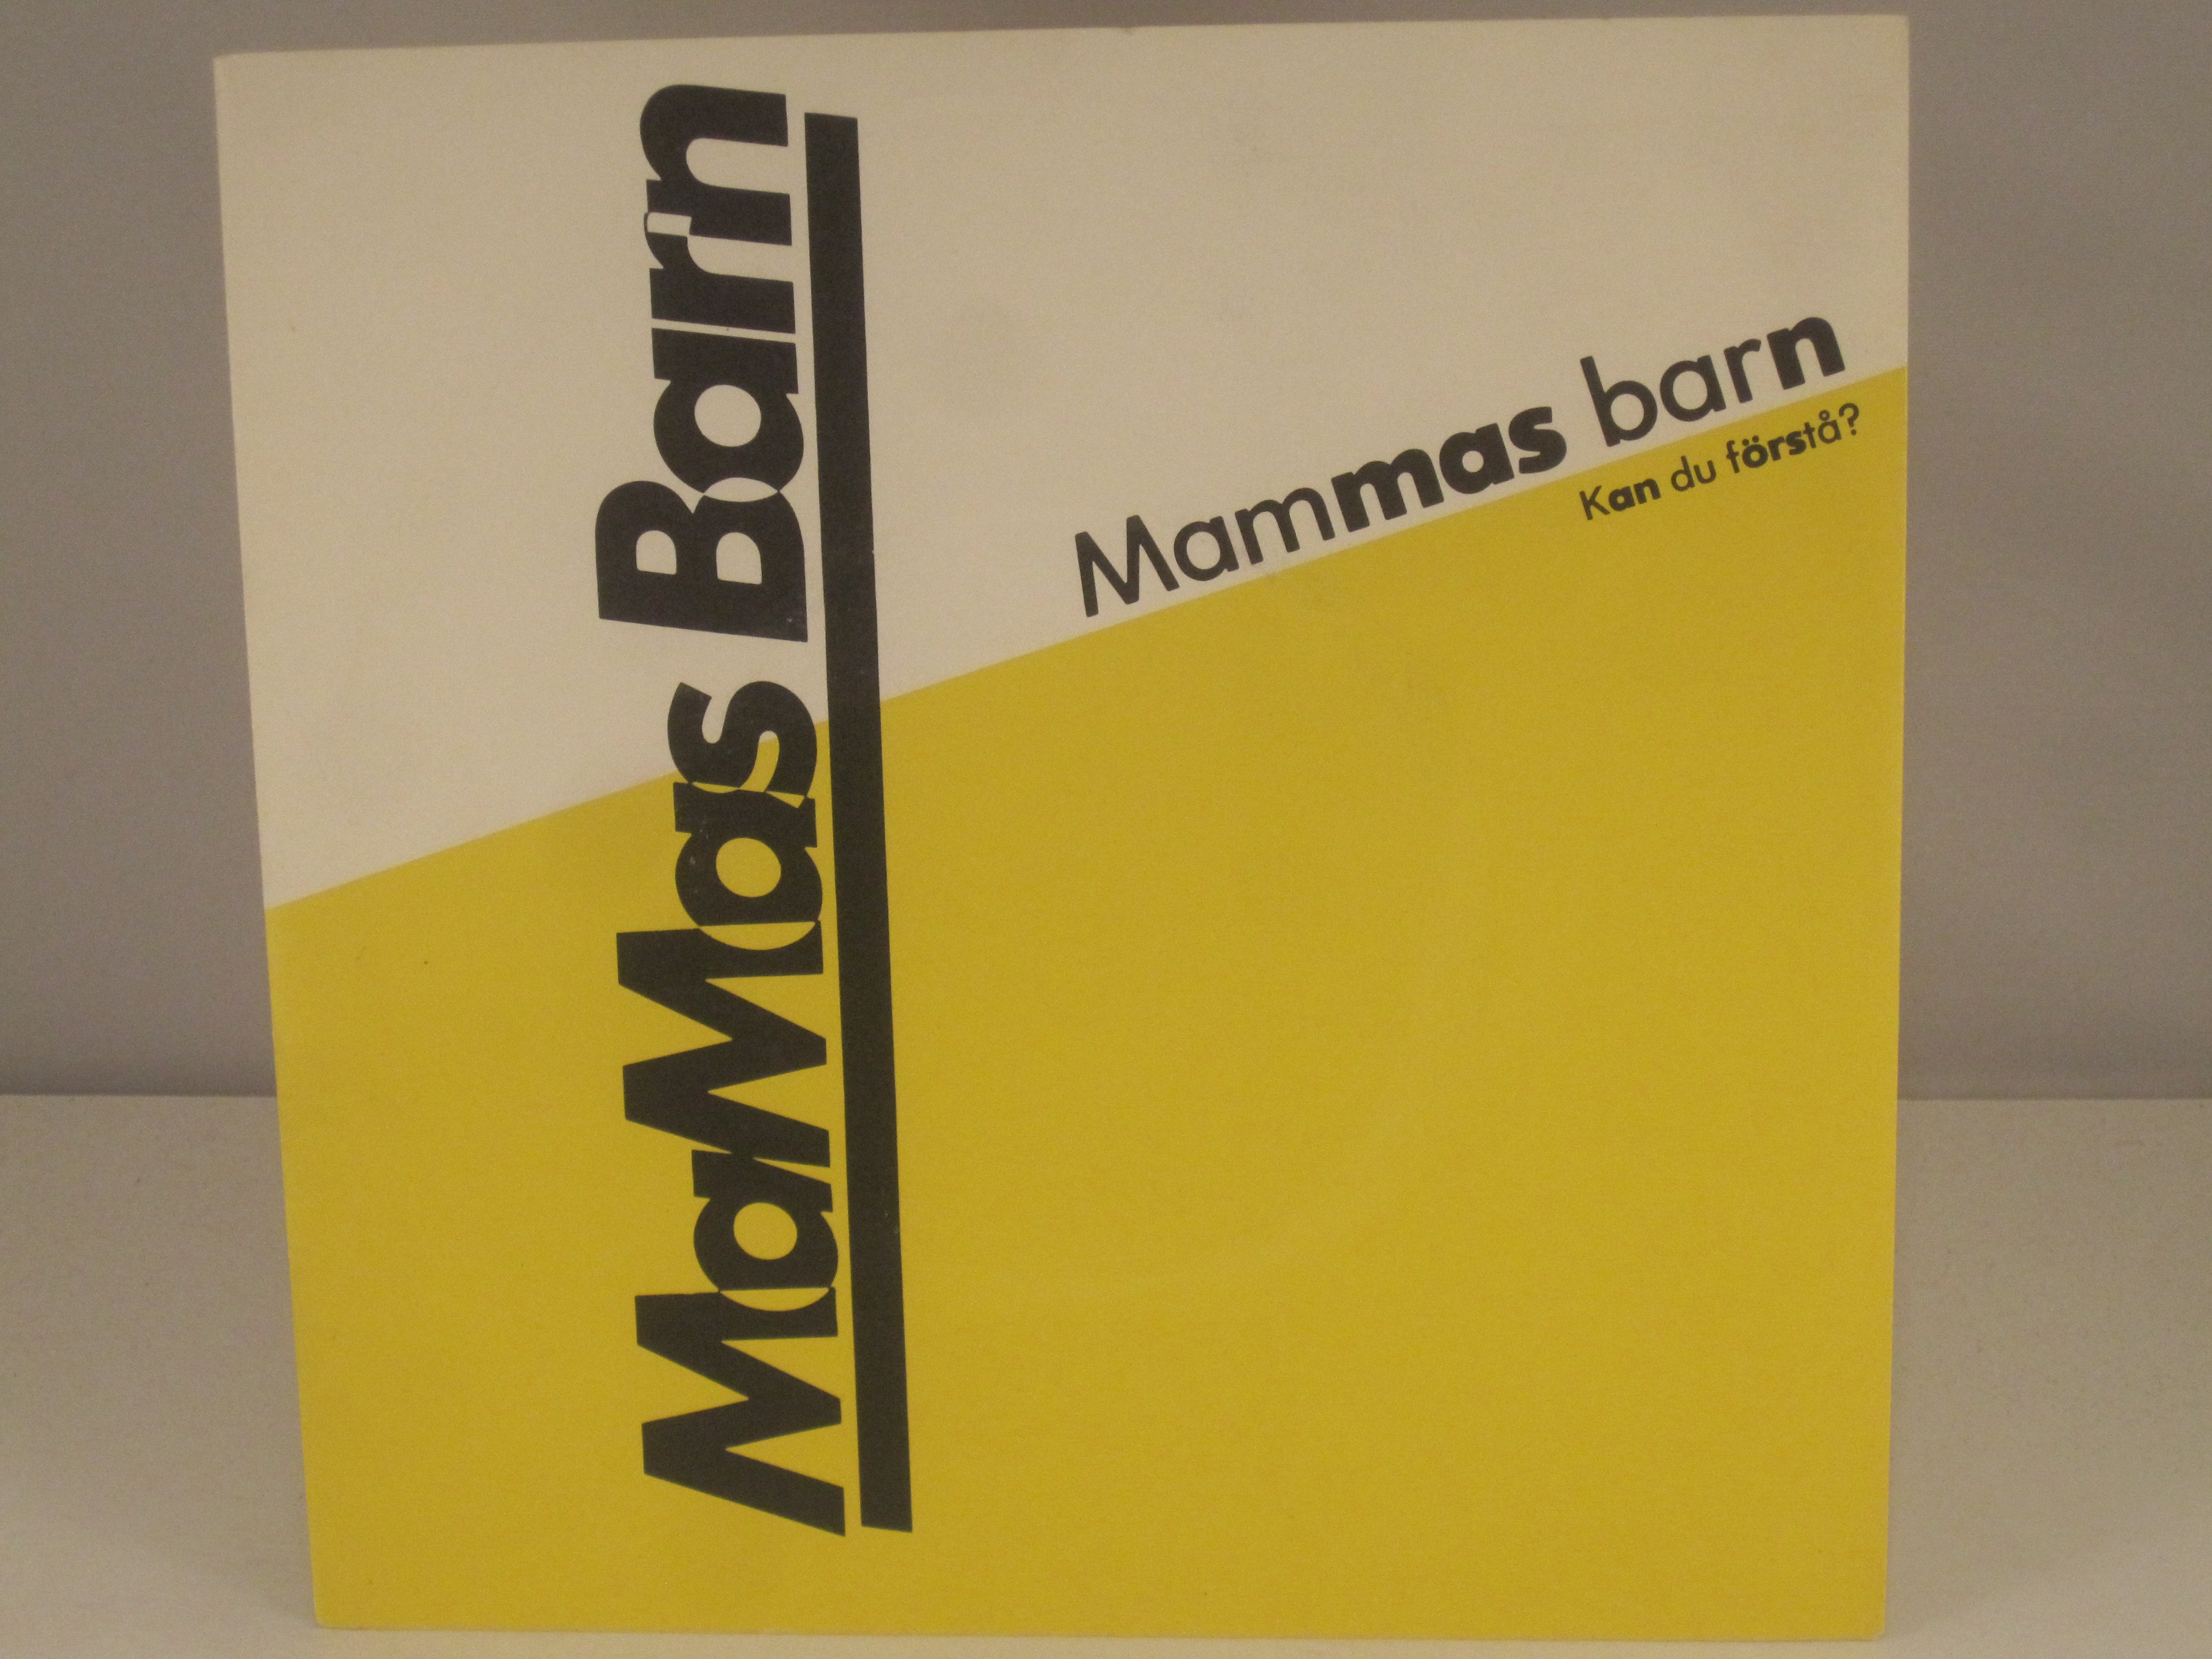 MARIE FREDRIKSSON &) MAMAS BARN : Mammas barn / Kan du förstå?